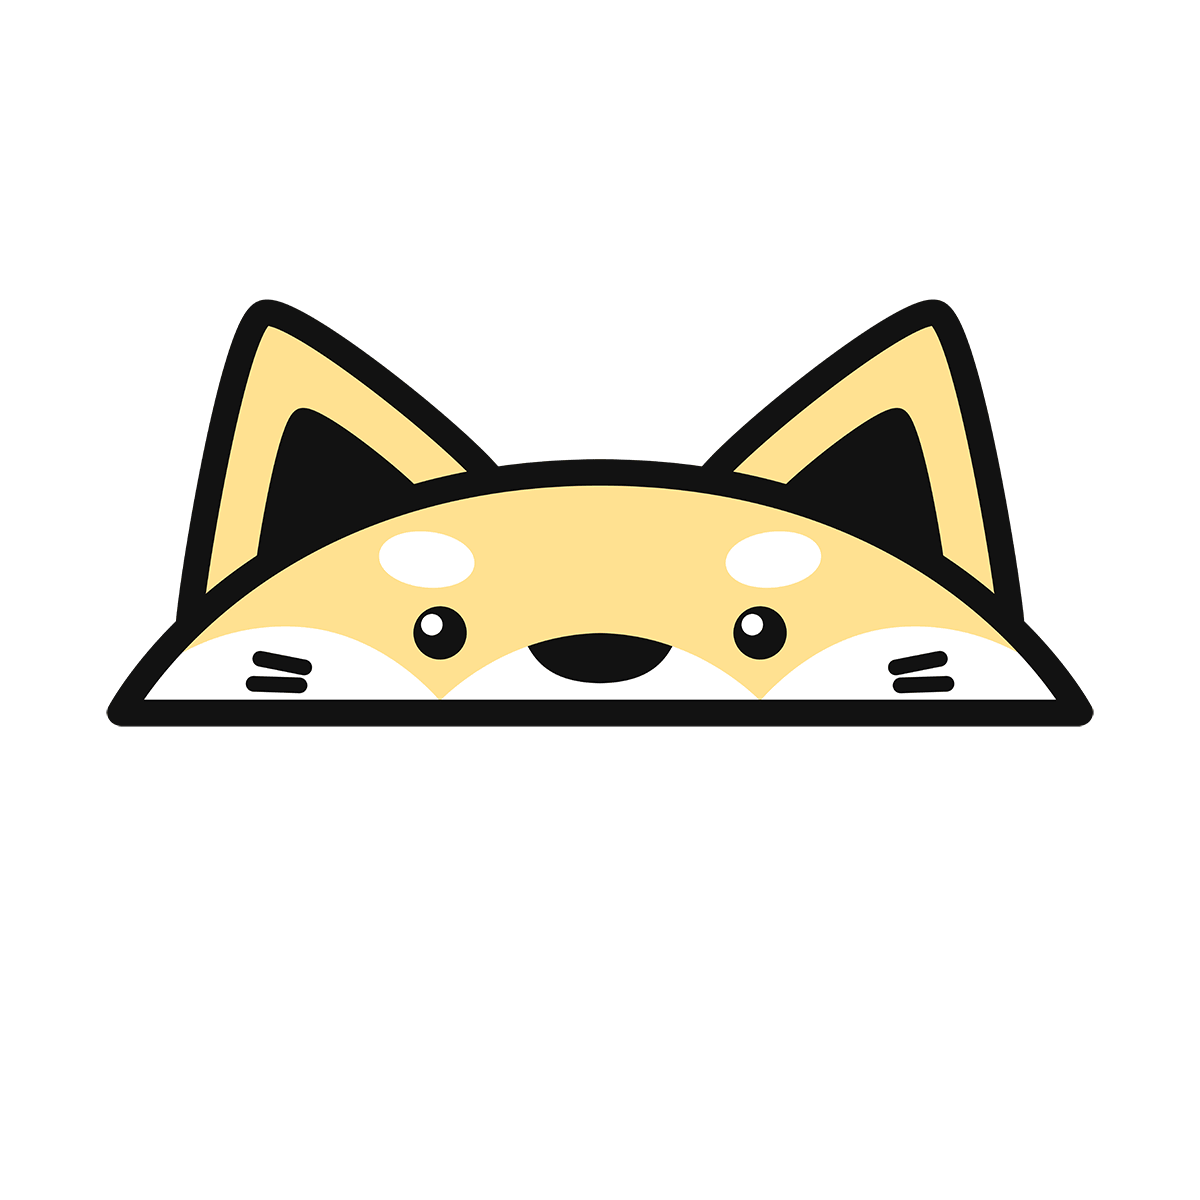 干支:犬・戌(2)の無料イラスト